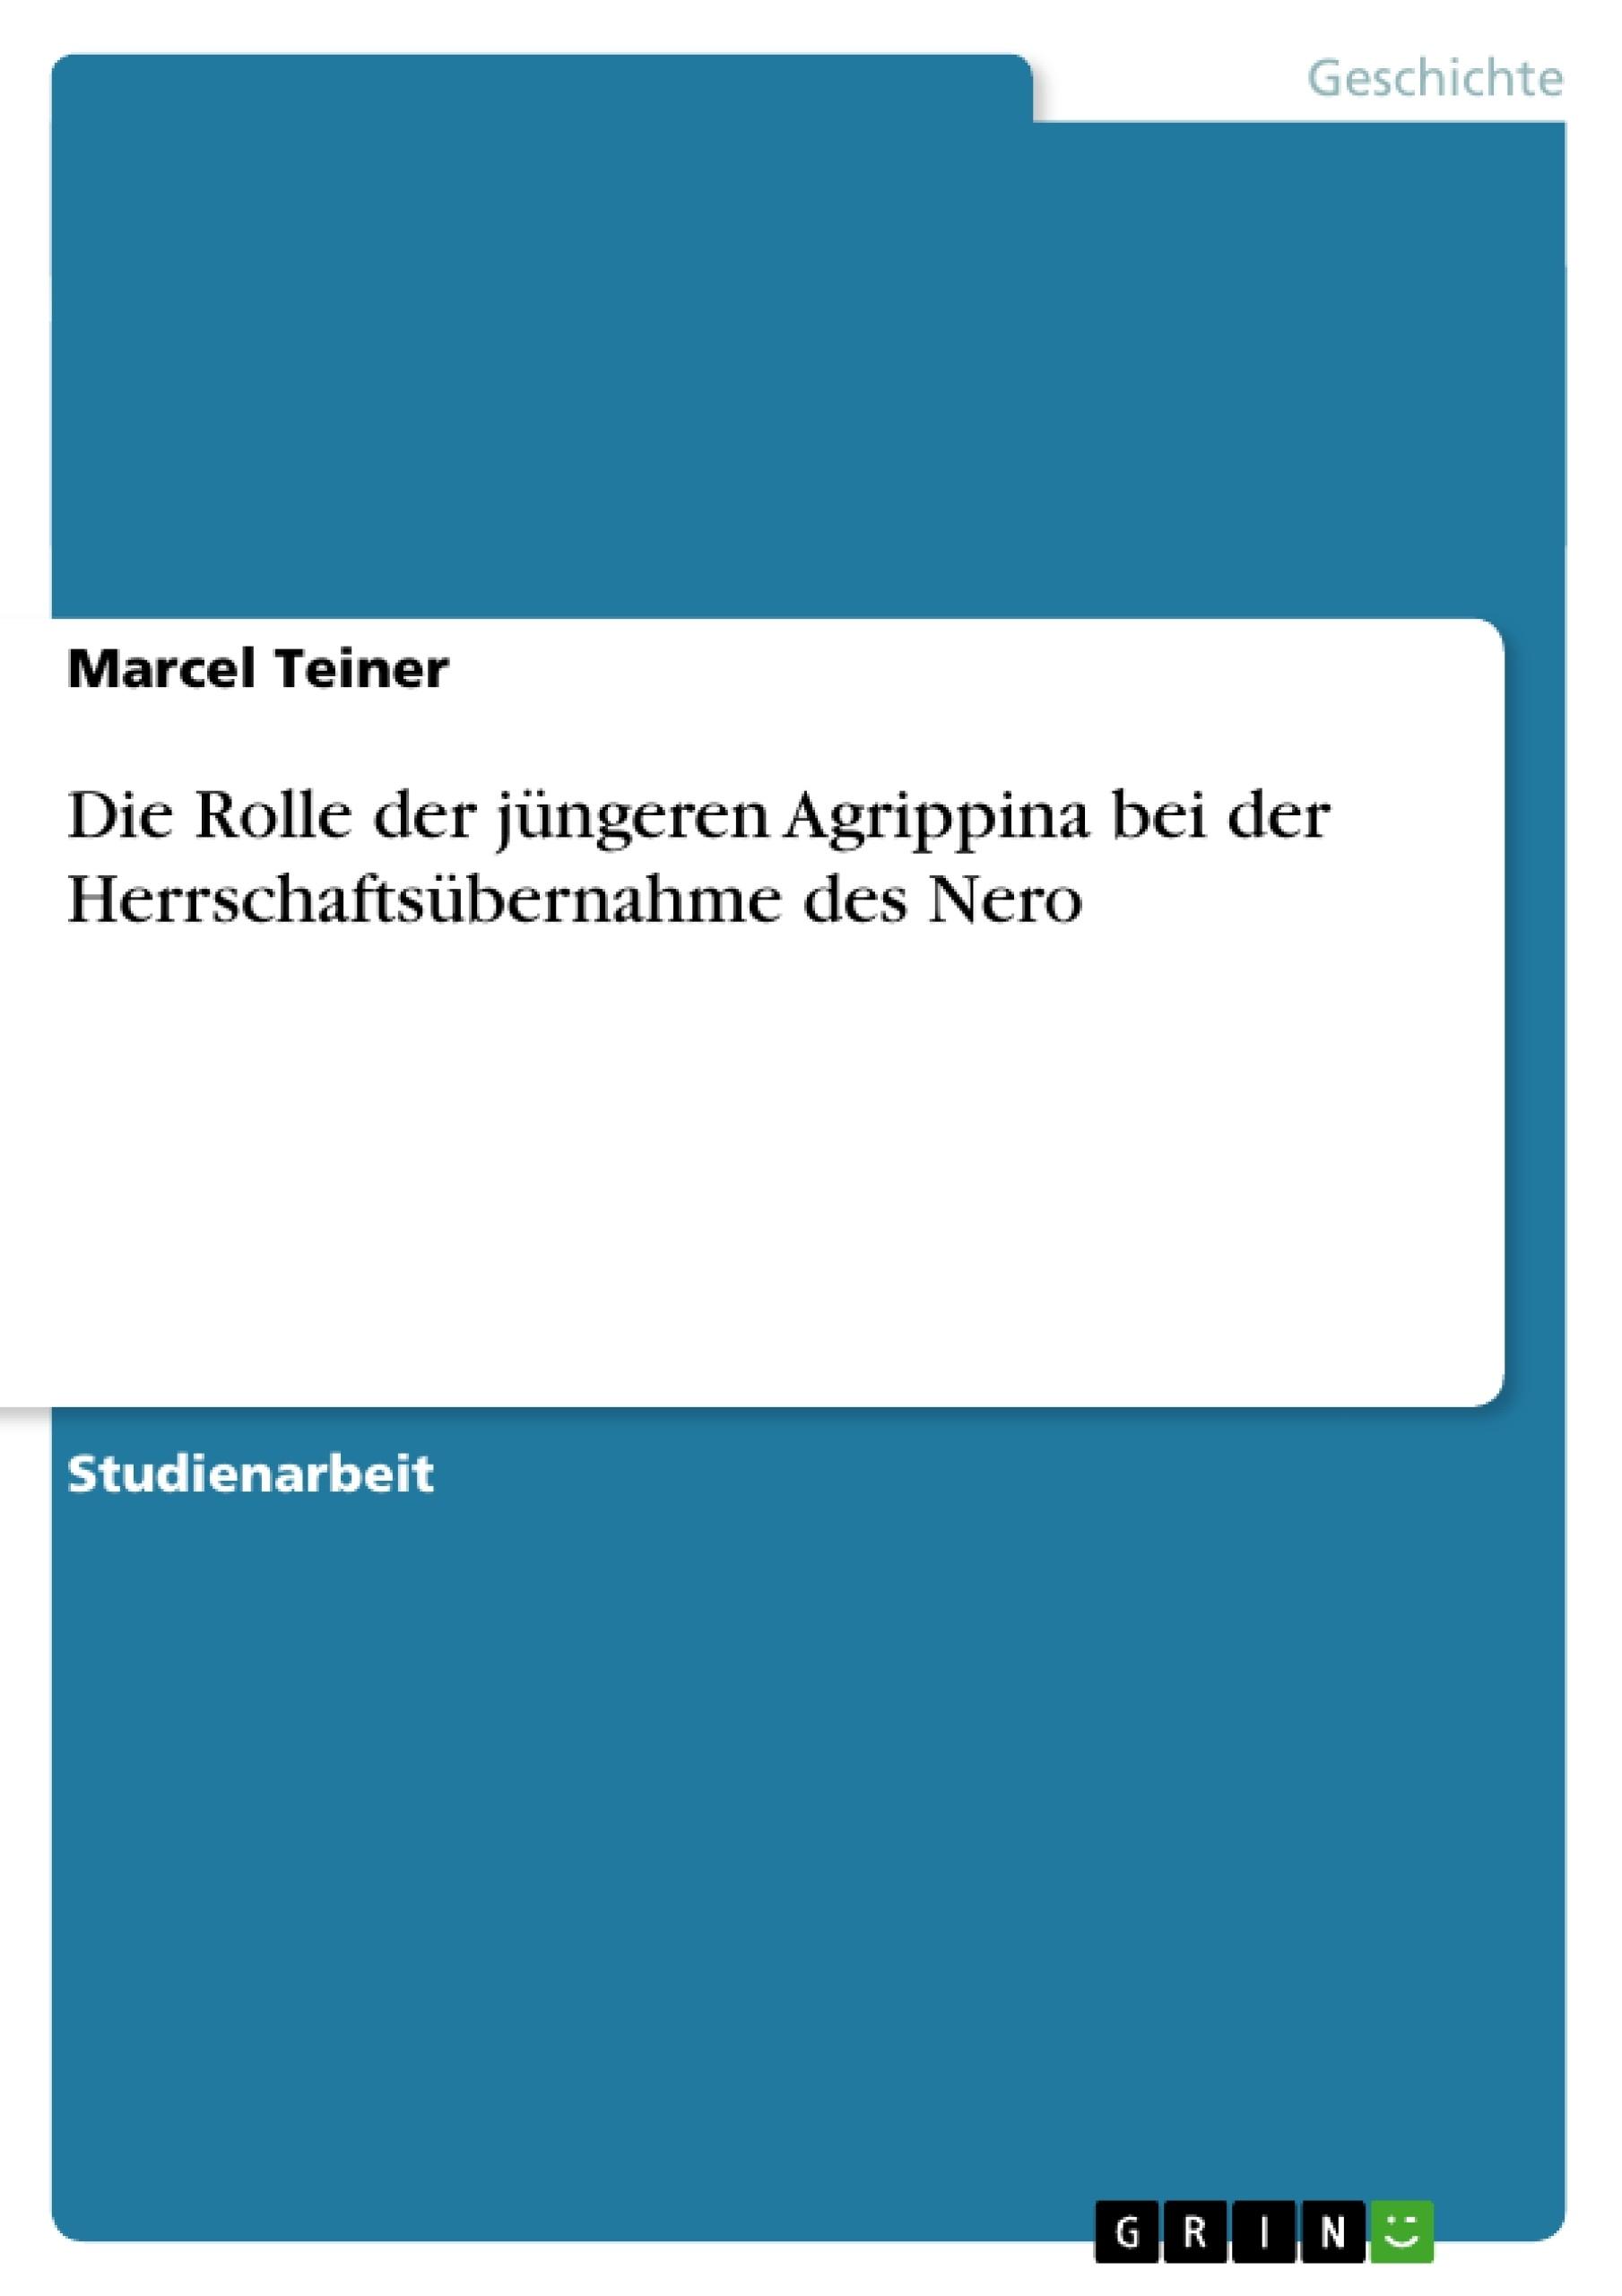 Titel: Die Rolle der jüngeren Agrippina bei der Herrschaftsübernahme des Nero